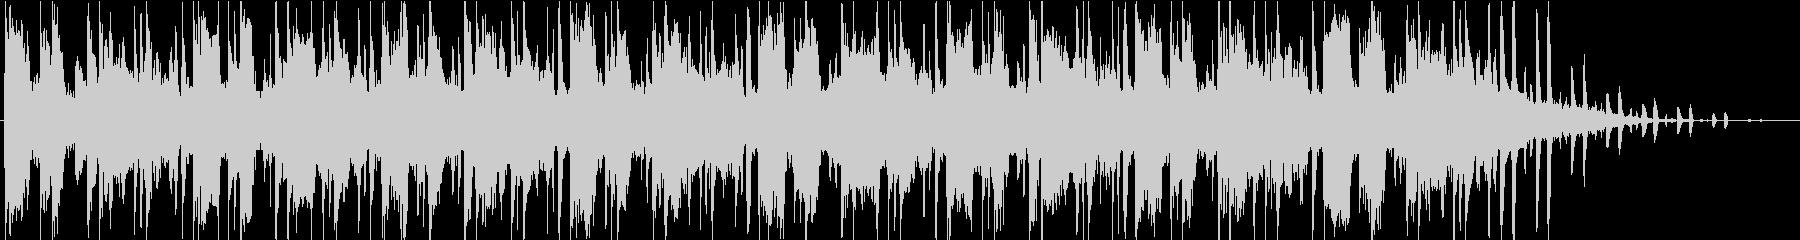 シーケンス 未定ベース01の未再生の波形